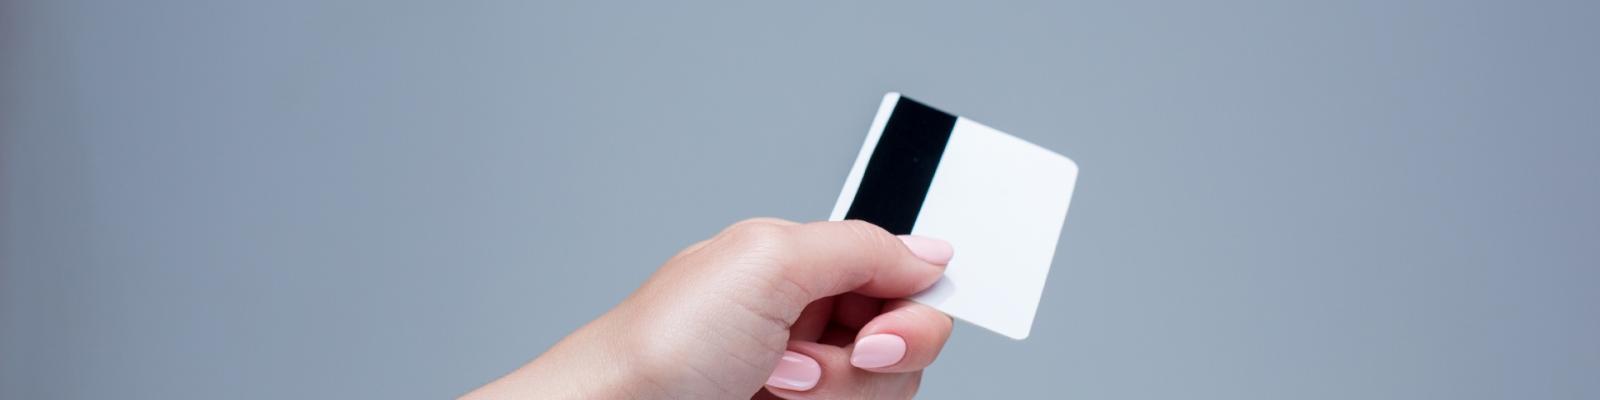 Module 3 examen bankbemiddeling: betalingsverkeer en spaarproducten